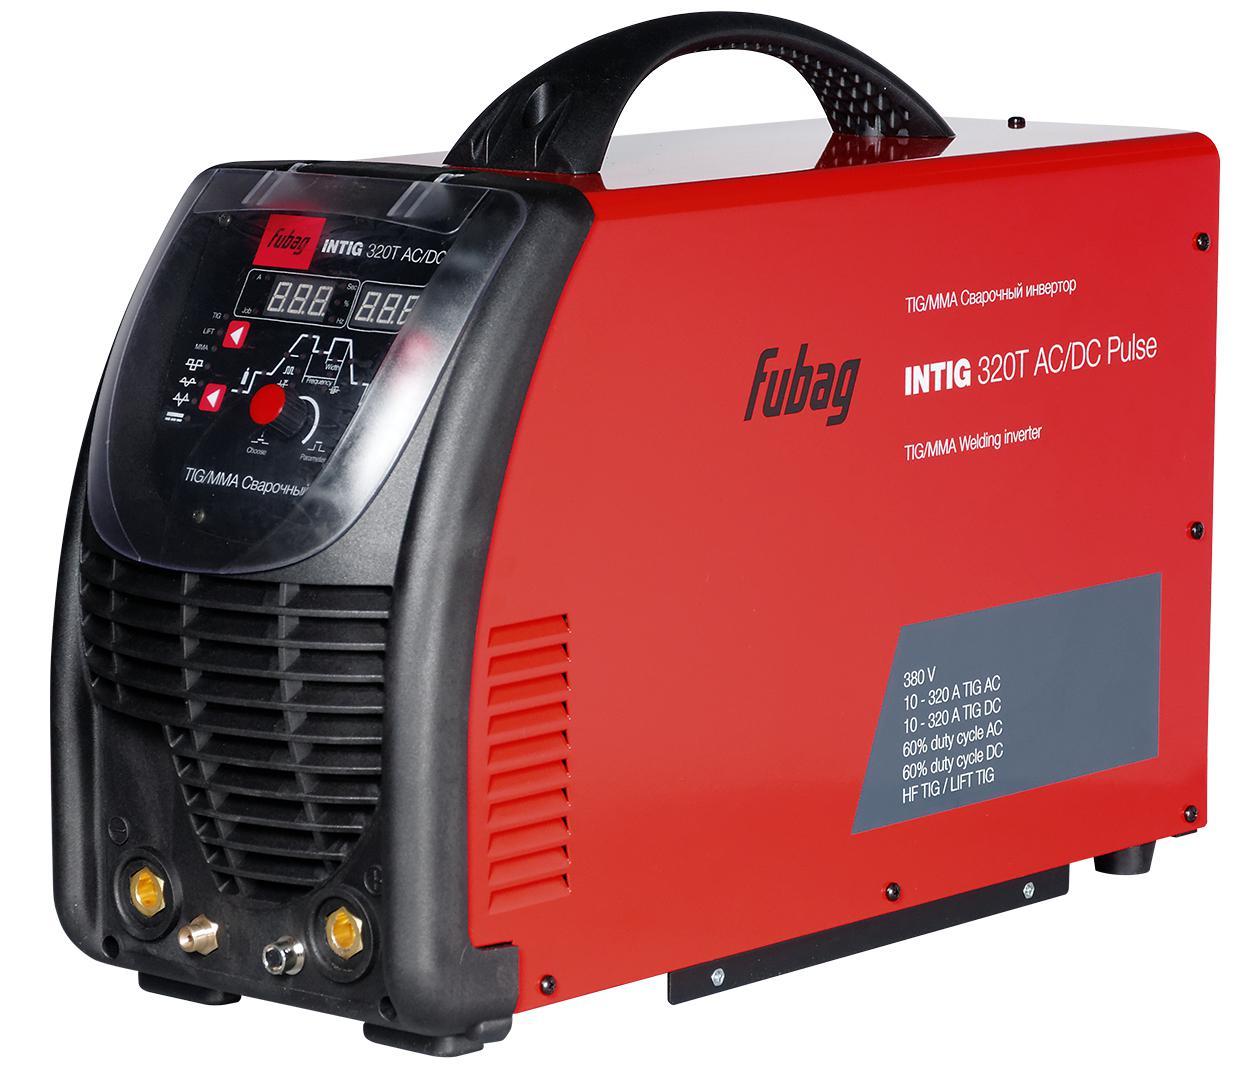 цена на Инвертор Fubag Intig 320 t ac/dc pulse (38431)